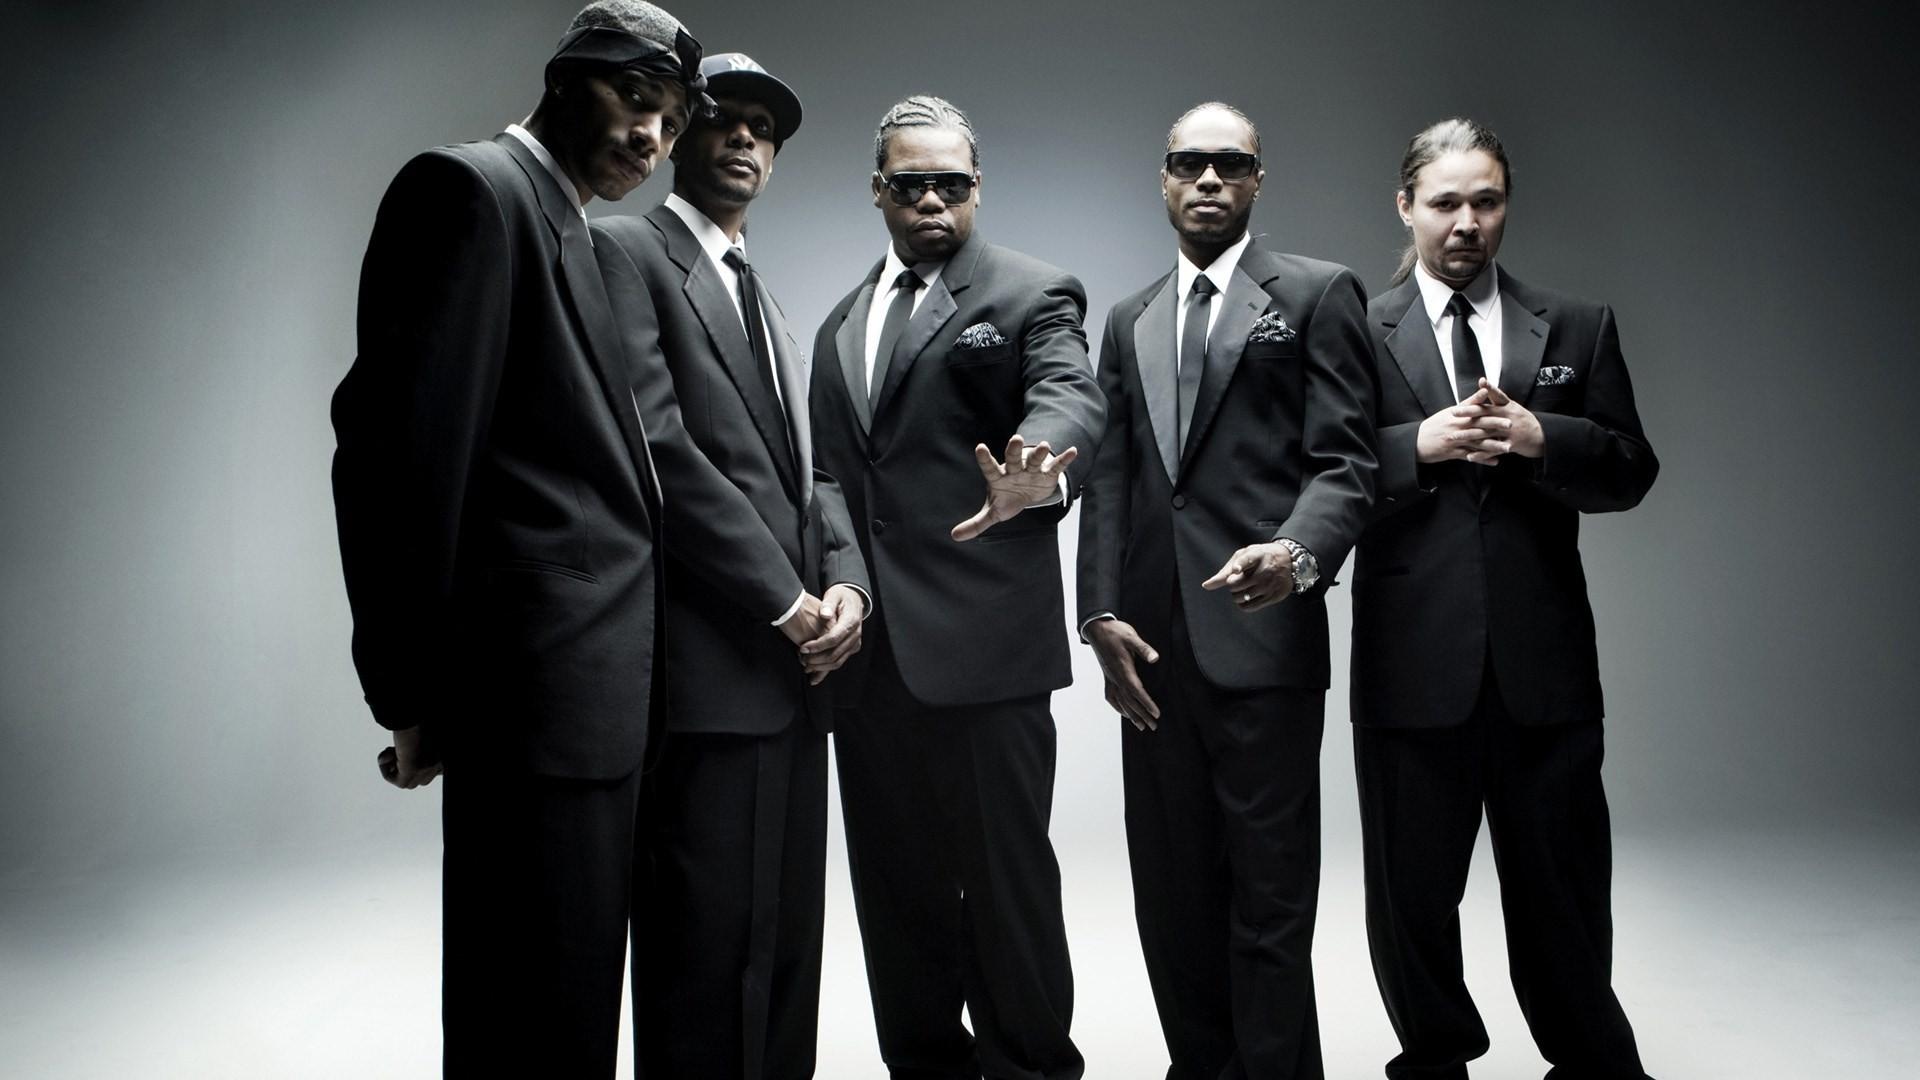 Во время концерта Bone Thugs-n Harmony одного из реперов сбил дрон